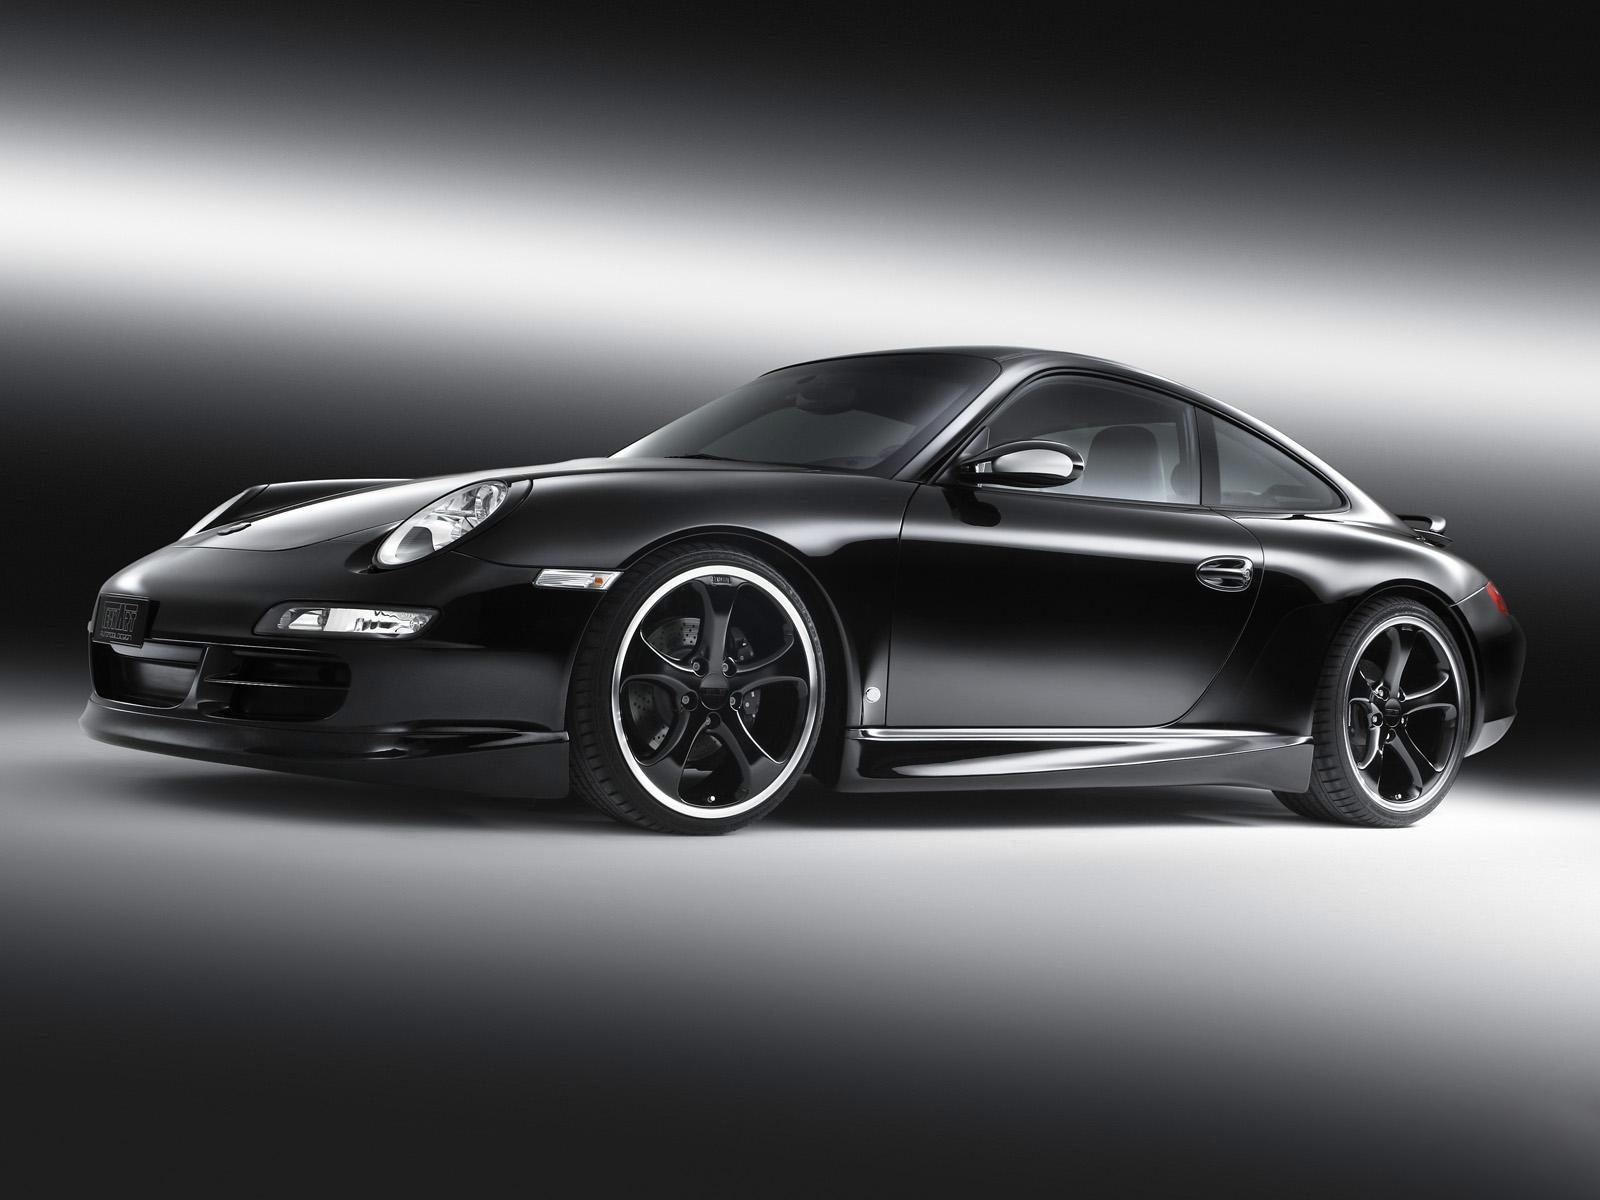 Porsche 911 Carrera wallpapers Porsche 911 Carrera stock photos 1600x1200